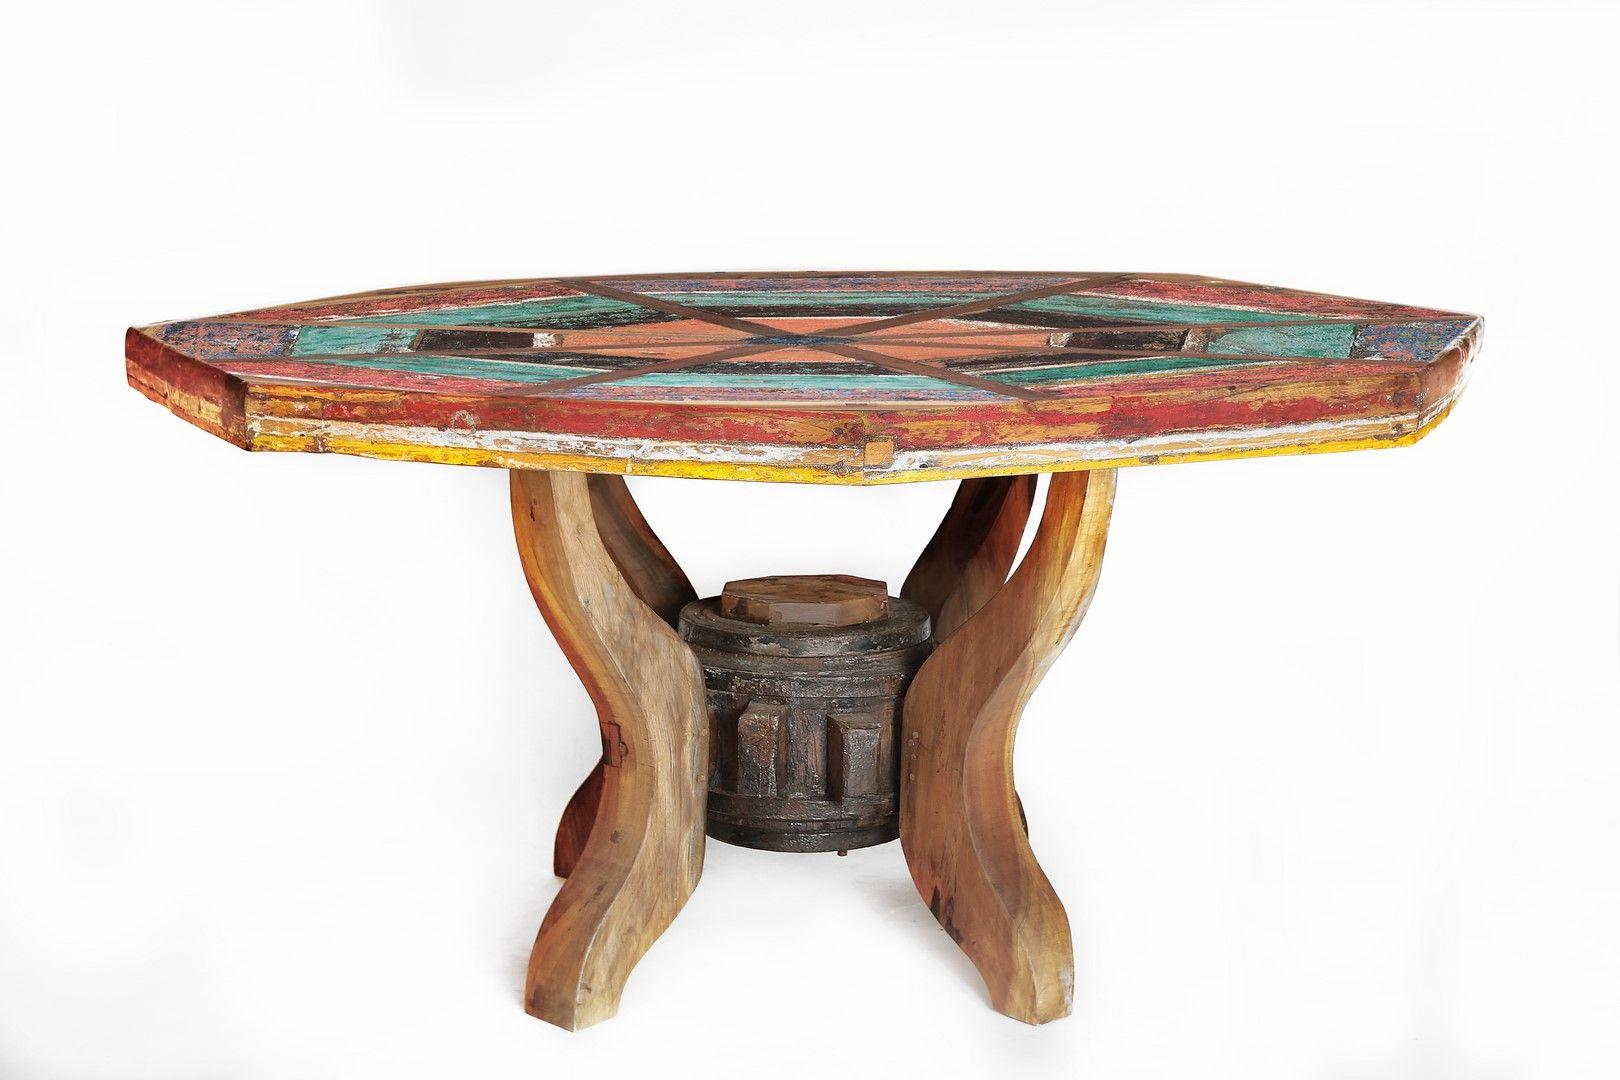 Table Octogonale En Bois De Bateaux De Java Recycl Bois Massif  # Meuble Bois Recycle Bateau